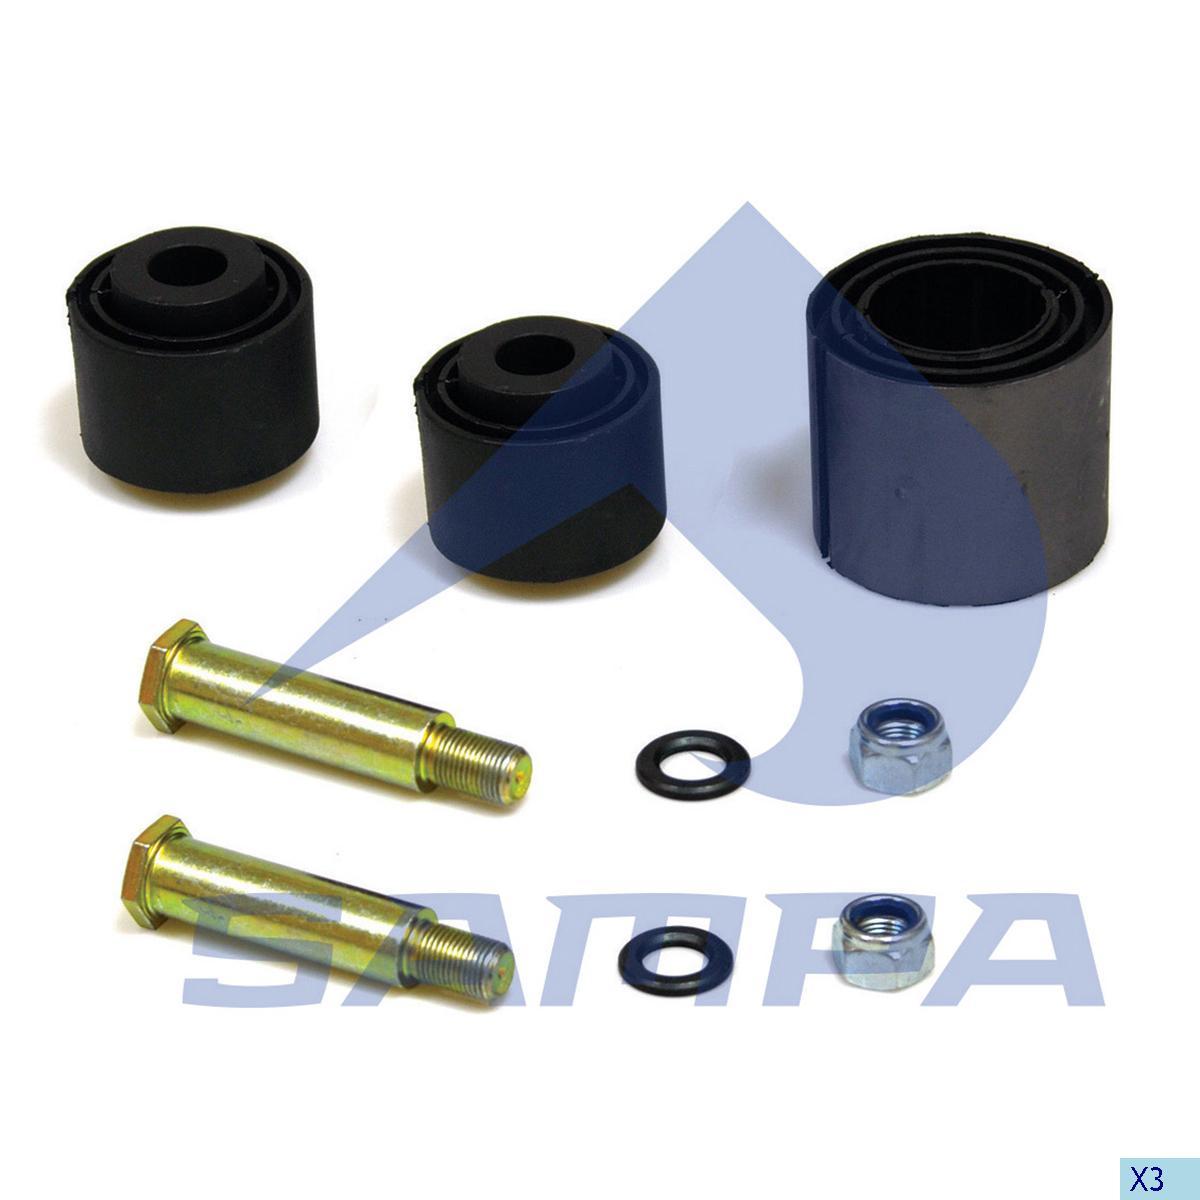 Repair Kit, Stabilizer Bar, Man, Suspension